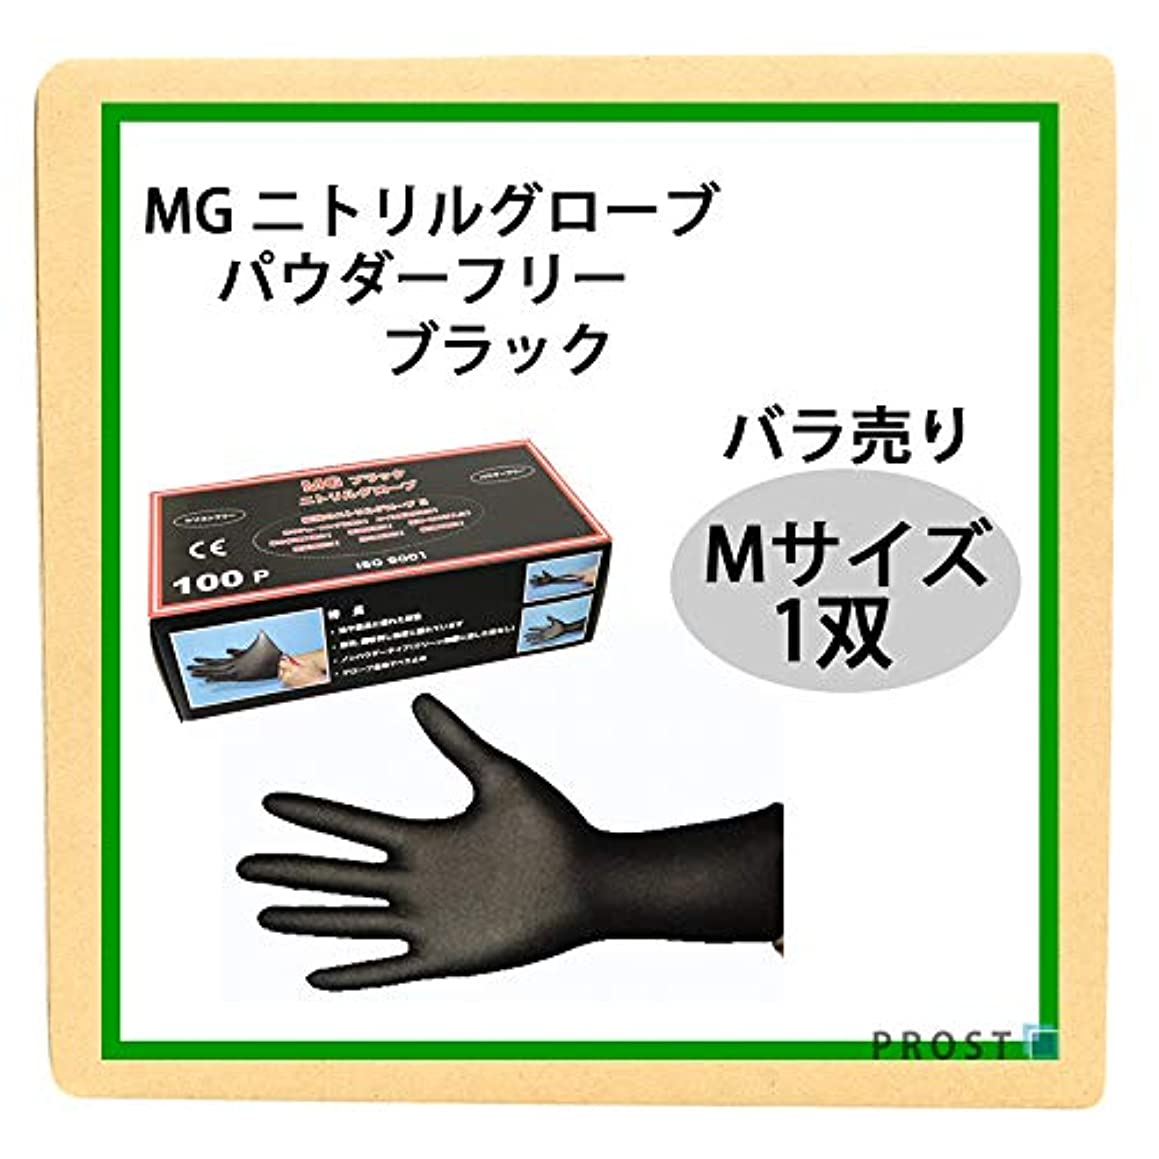 飽和するショートカット承知しましたMG ニトリルグローブ ブラック パウダー フリー Mサイズ 1双/ニトリル手袋 ゴム手袋 塗装 オイル ニトリルゴム